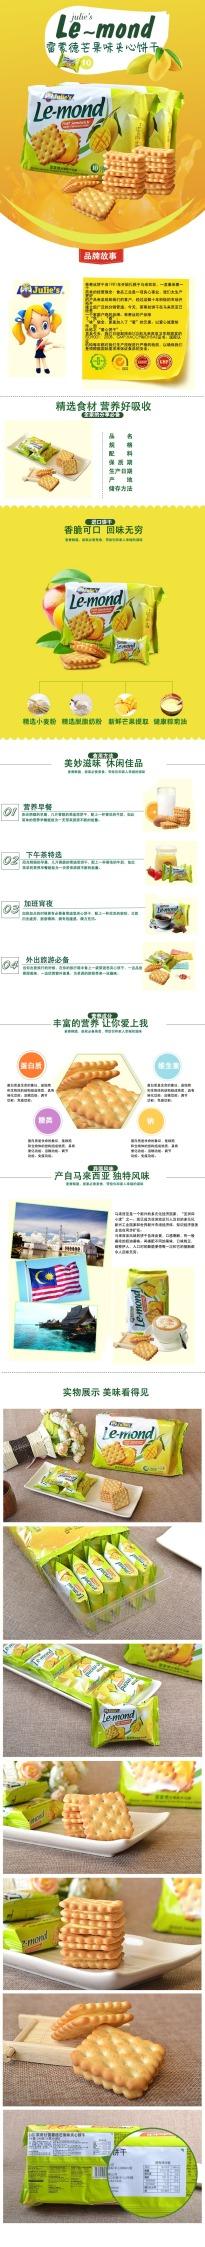 简约清新夹心饼干零食电商详情图